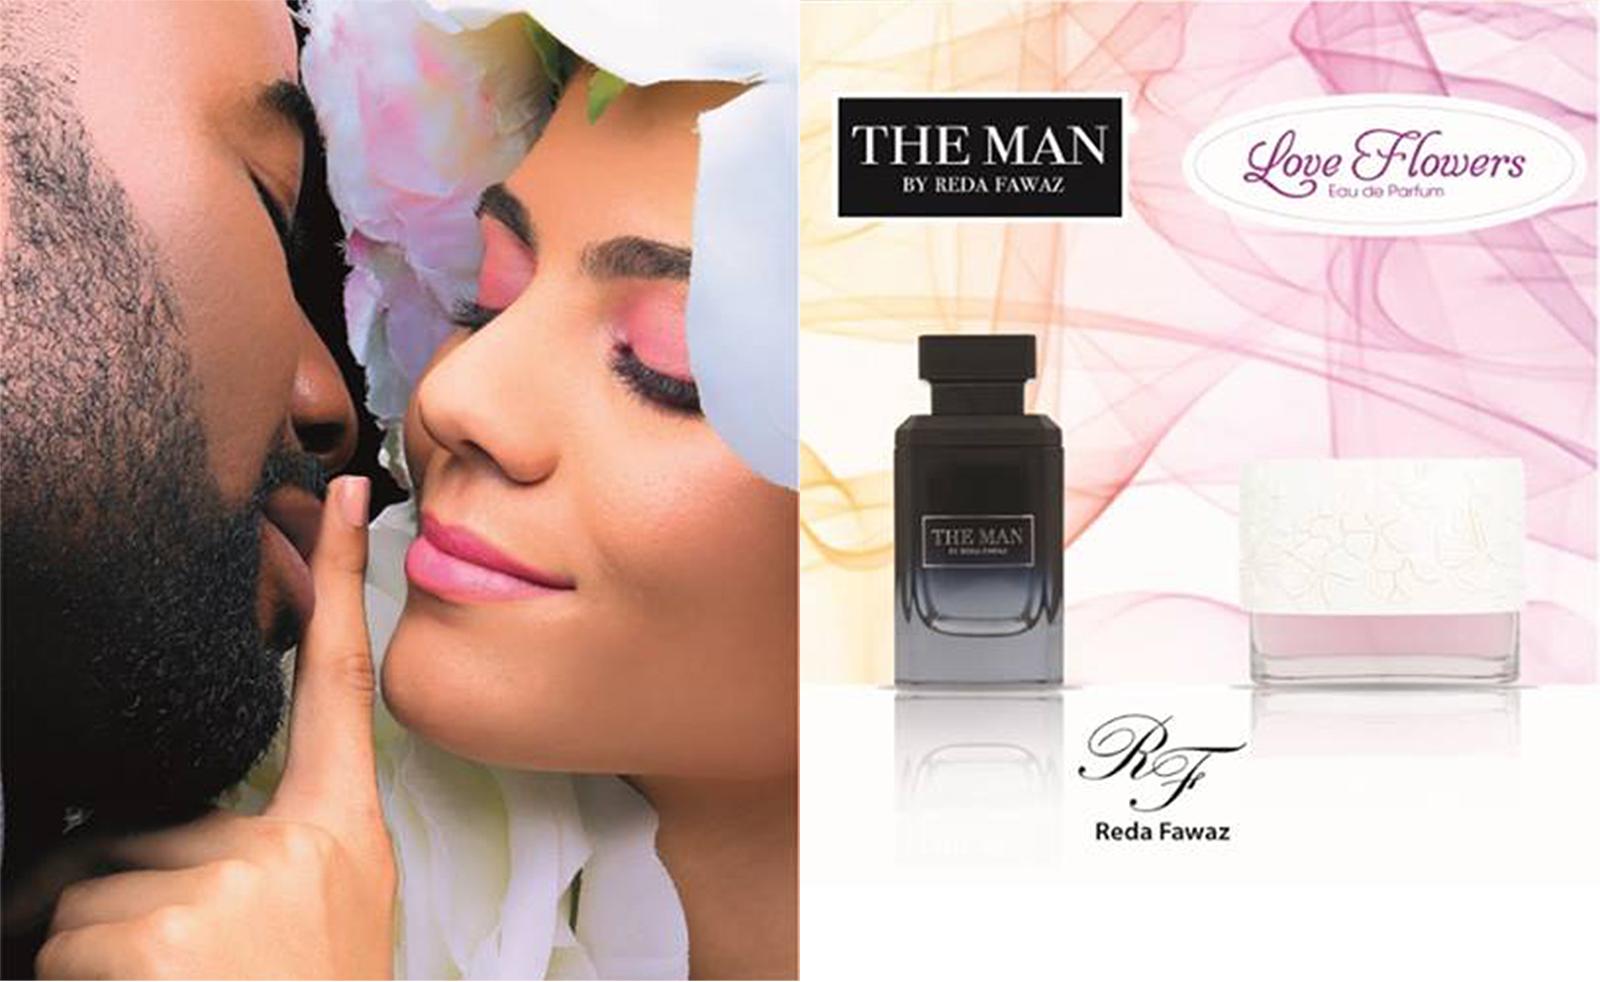 Affiche de Love Flowers & The Man by Reda Fawaz